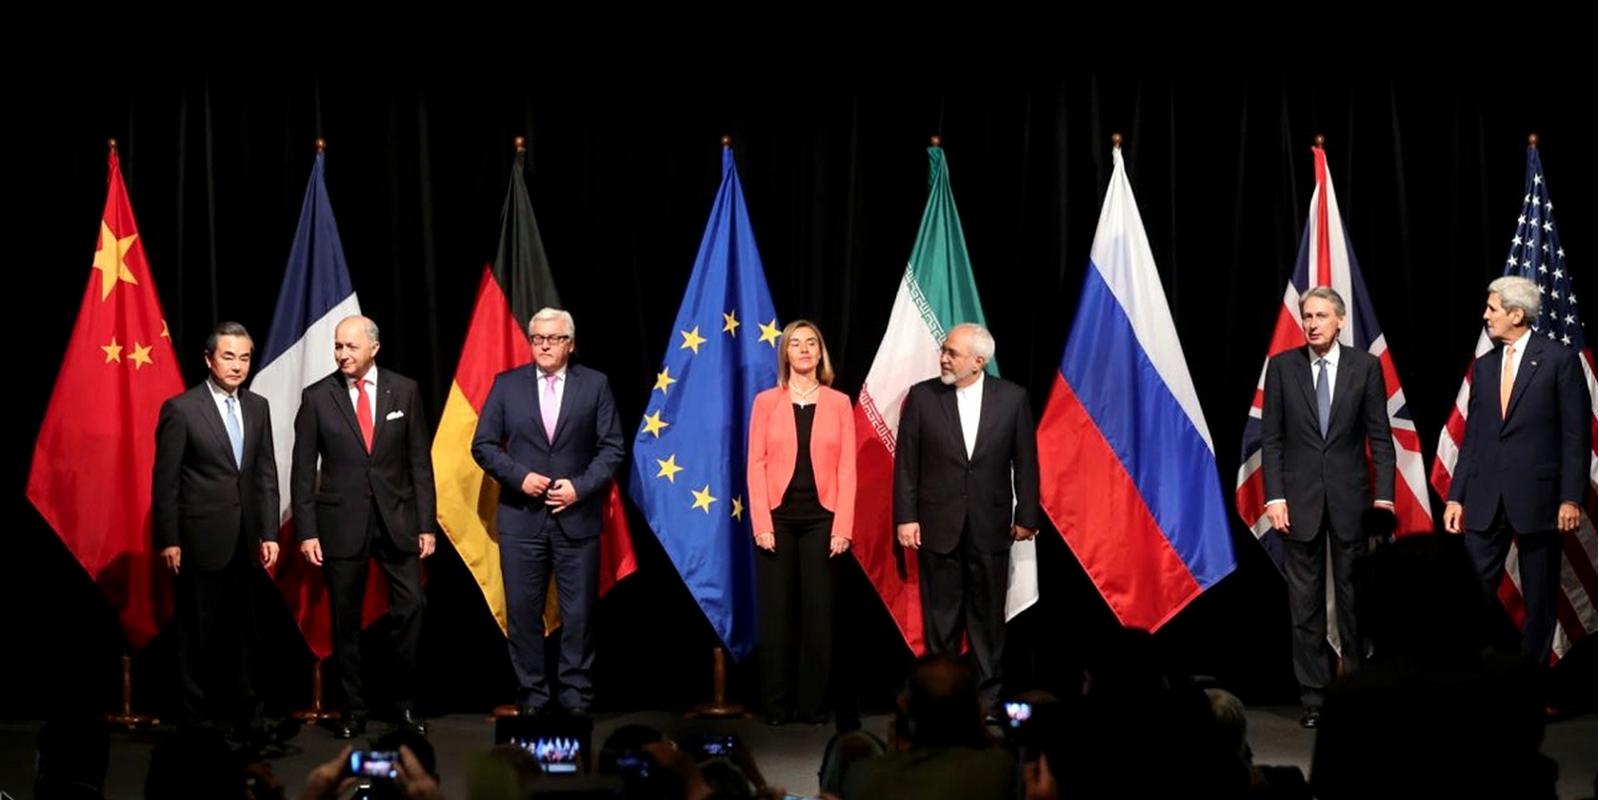 متن کامل پیشنویس قطعنامه شورای امنیت در مورد ایران